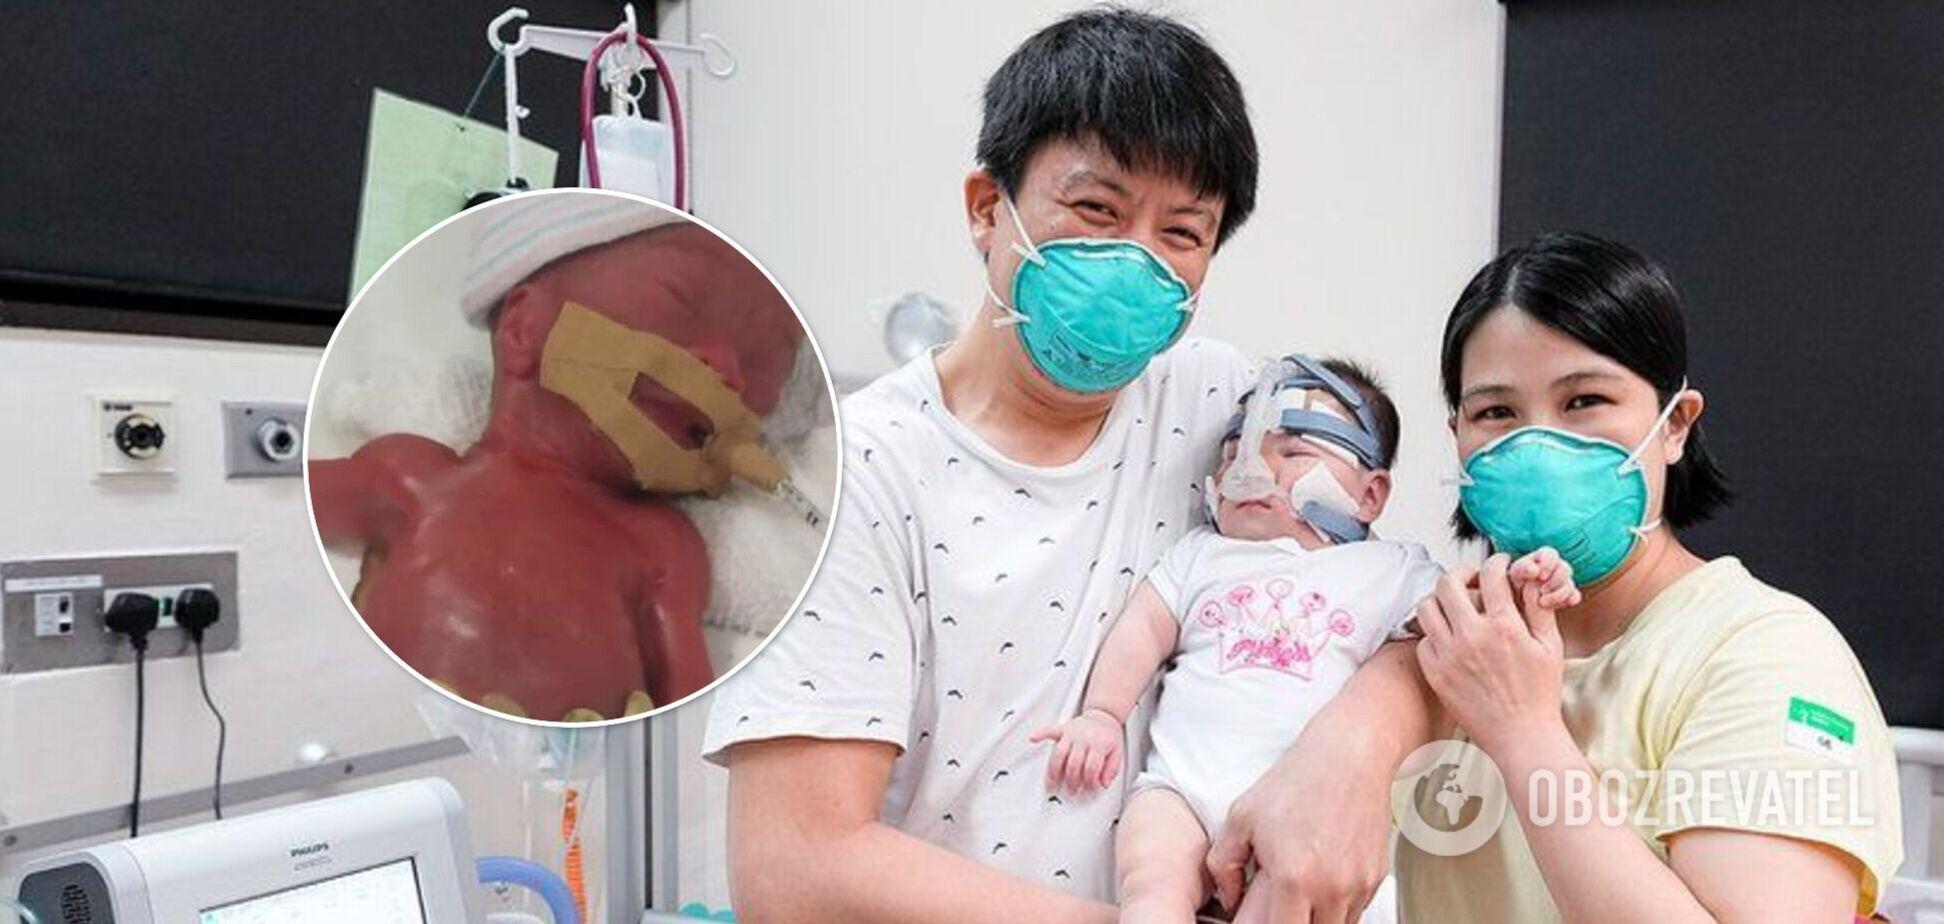 'Найменшу дитину при народженні' виписали з лікарні: дівчинка народилася вагою з яблуко. Фото